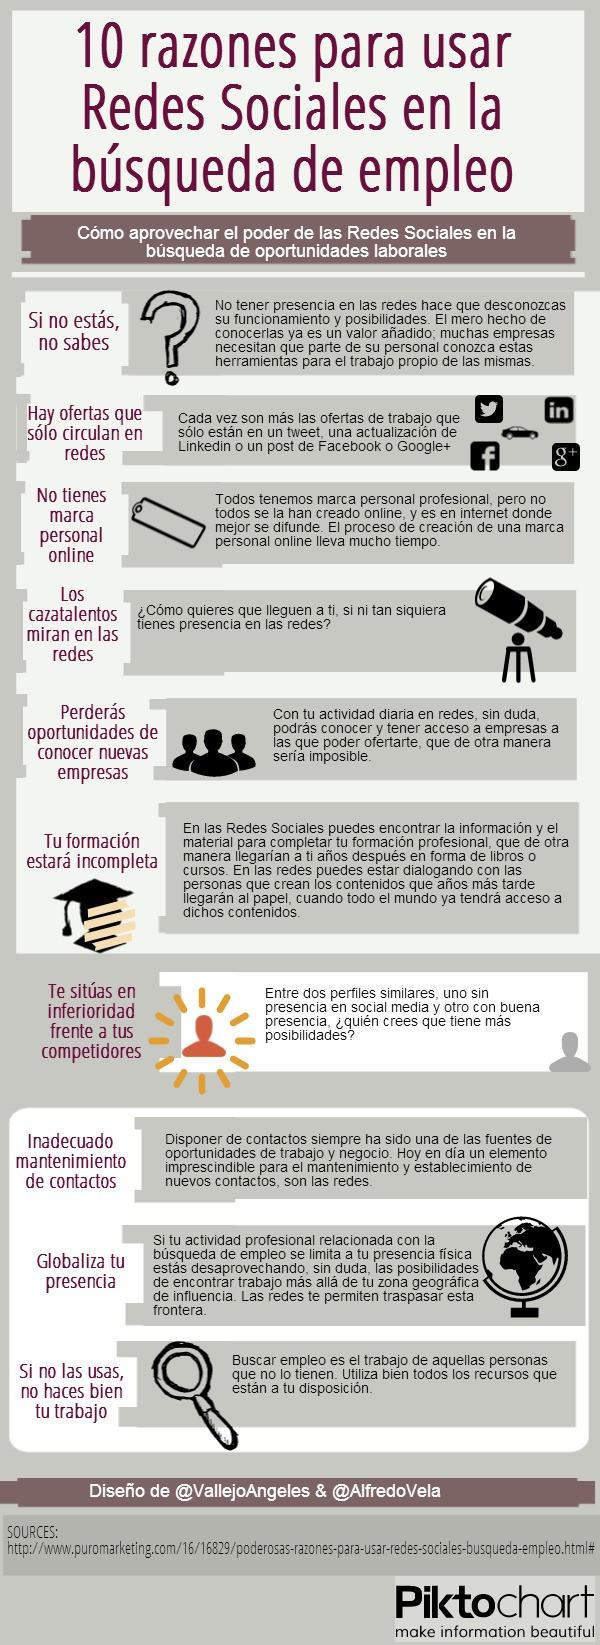 [Infografía] 10 razones para usar redes sociales en la búsqueda de empleo